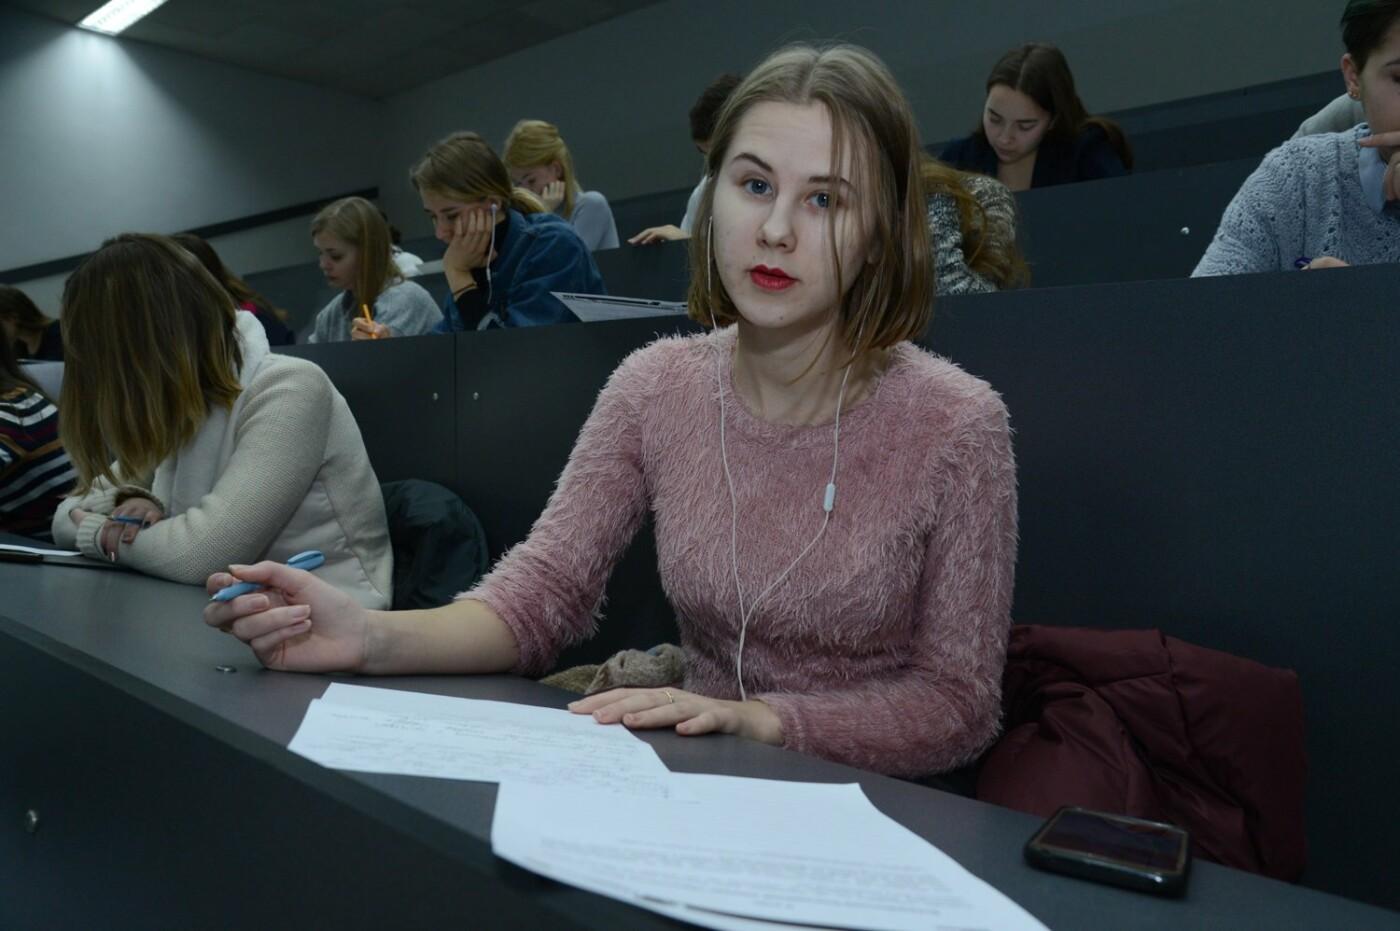 Харьковские студенты оказались за шаг до финала в масштабном конкурсе «Архитектор», фото-1